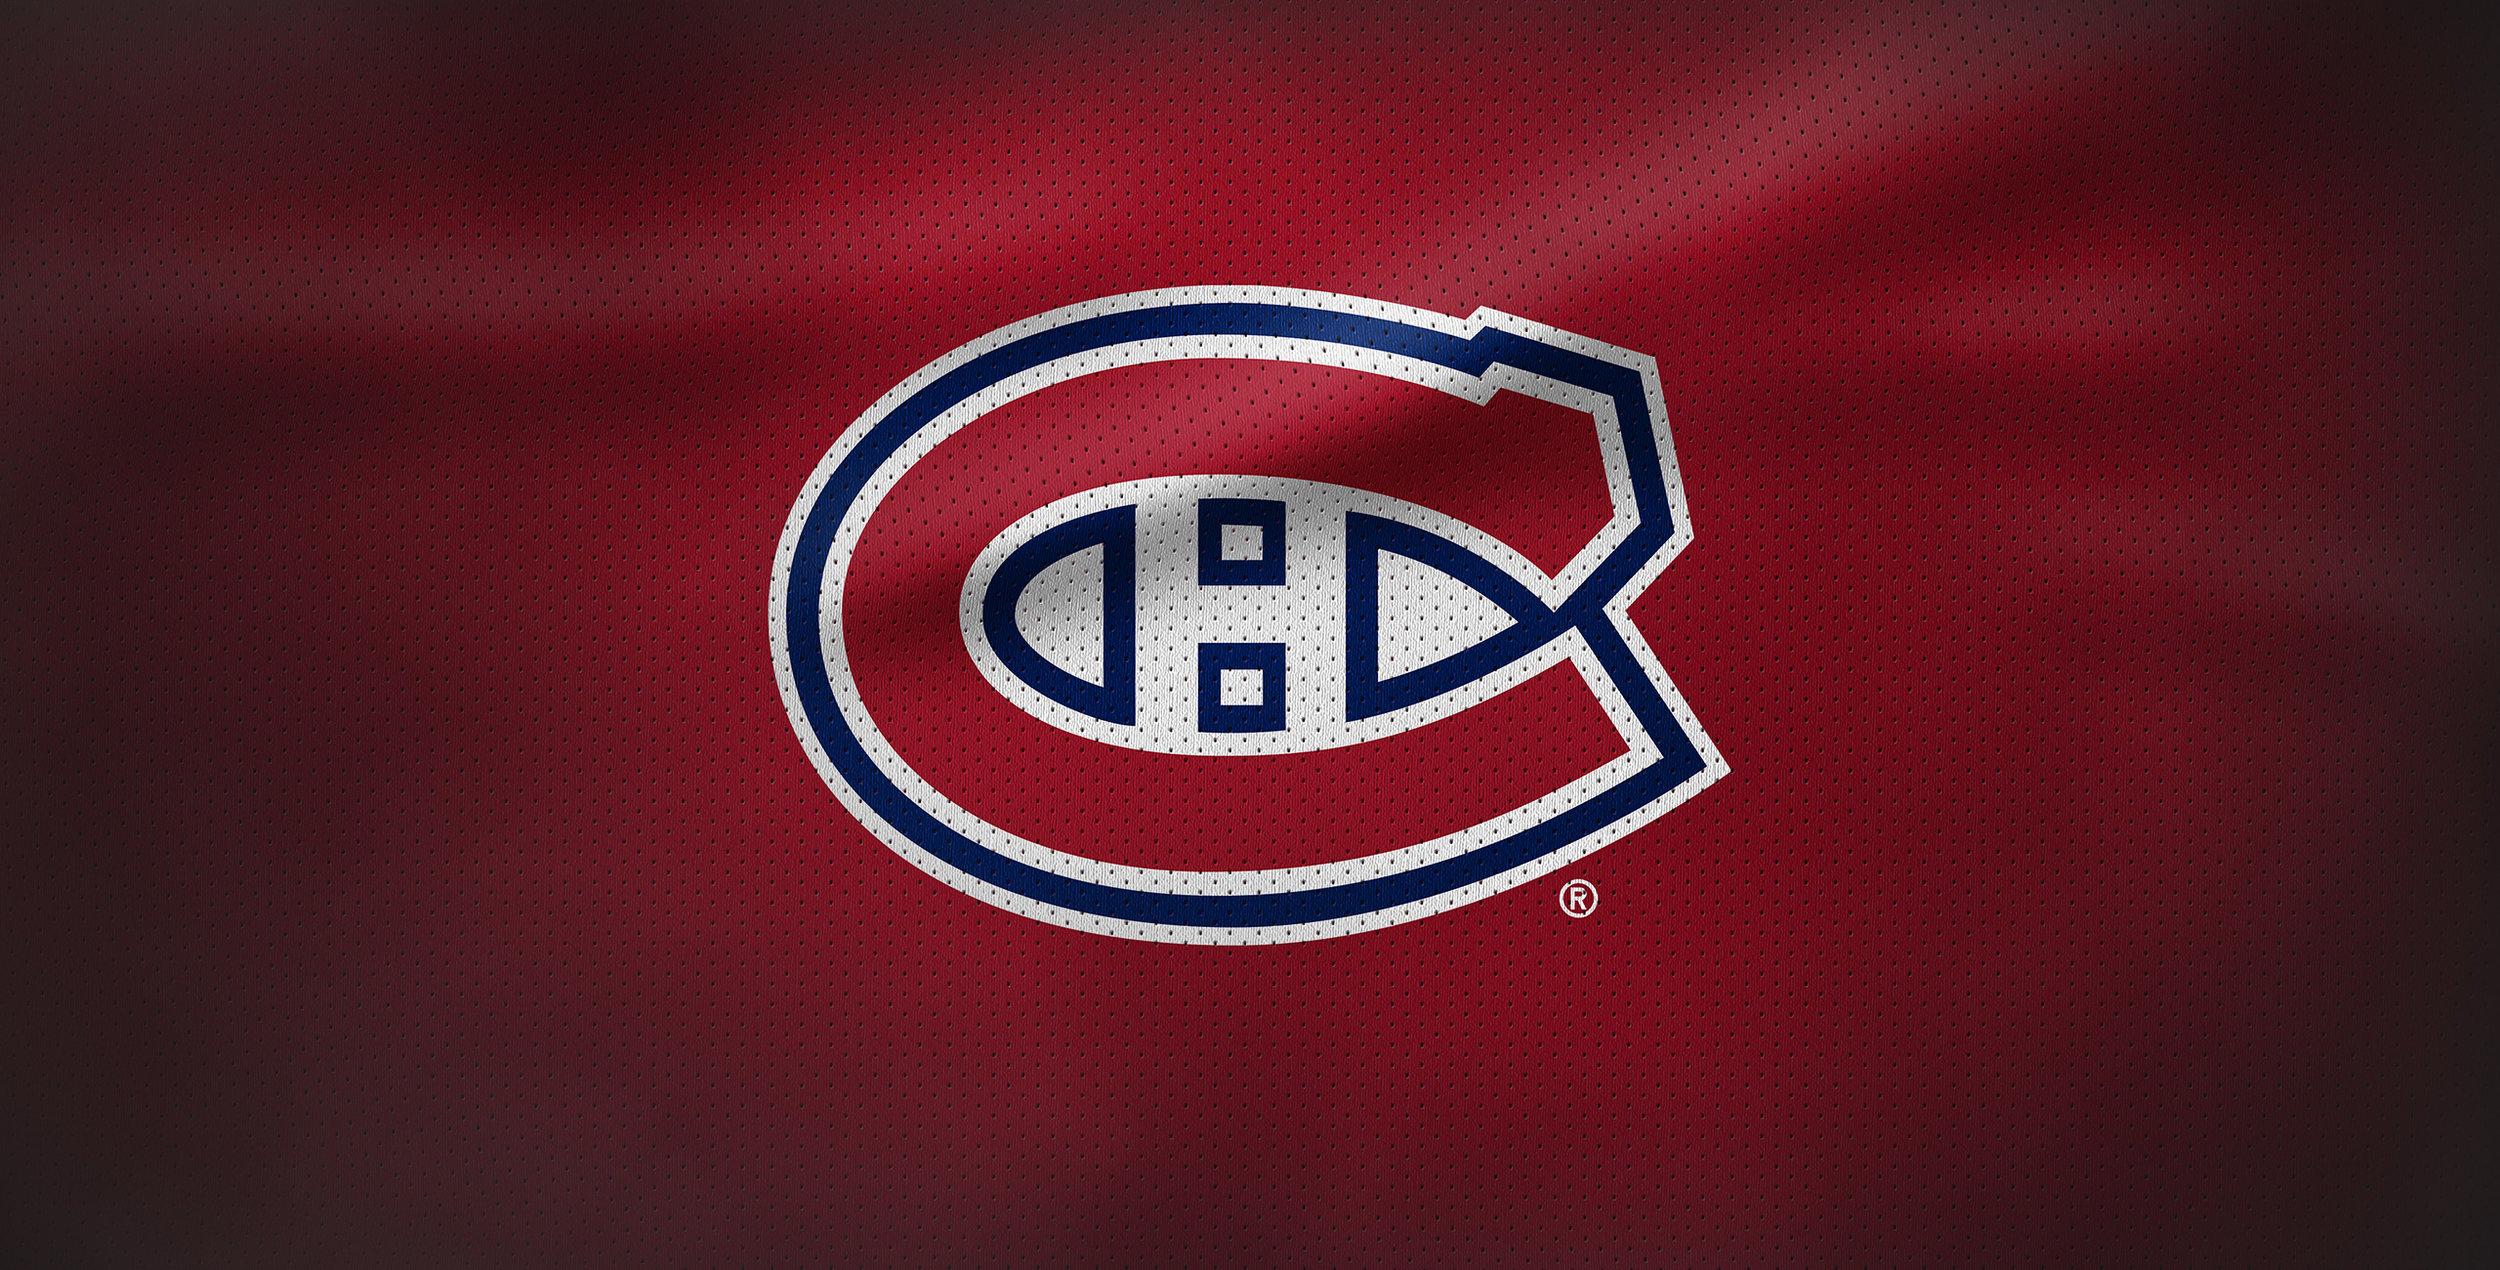 """Det framgångsrikaste laget i NHL     Montreal Canadiens   grundades 1909 och är en av """"Original six-klubbarna"""" - de första som grundades i NHL. Klubben är även den som vunnit flest Stanley Cup-titlar genom tiderna - hela 23 gånger - tio fler än Toronto Maple Leafs. Montreals senaste vinst kom dock 1993 och de största framgångarna kom under 50-/ 60- och 70-talet. I laget återfinns stjärnor som Carey Price, Max Domi, Shea Weber och Jesperi Kotkaniemi."""